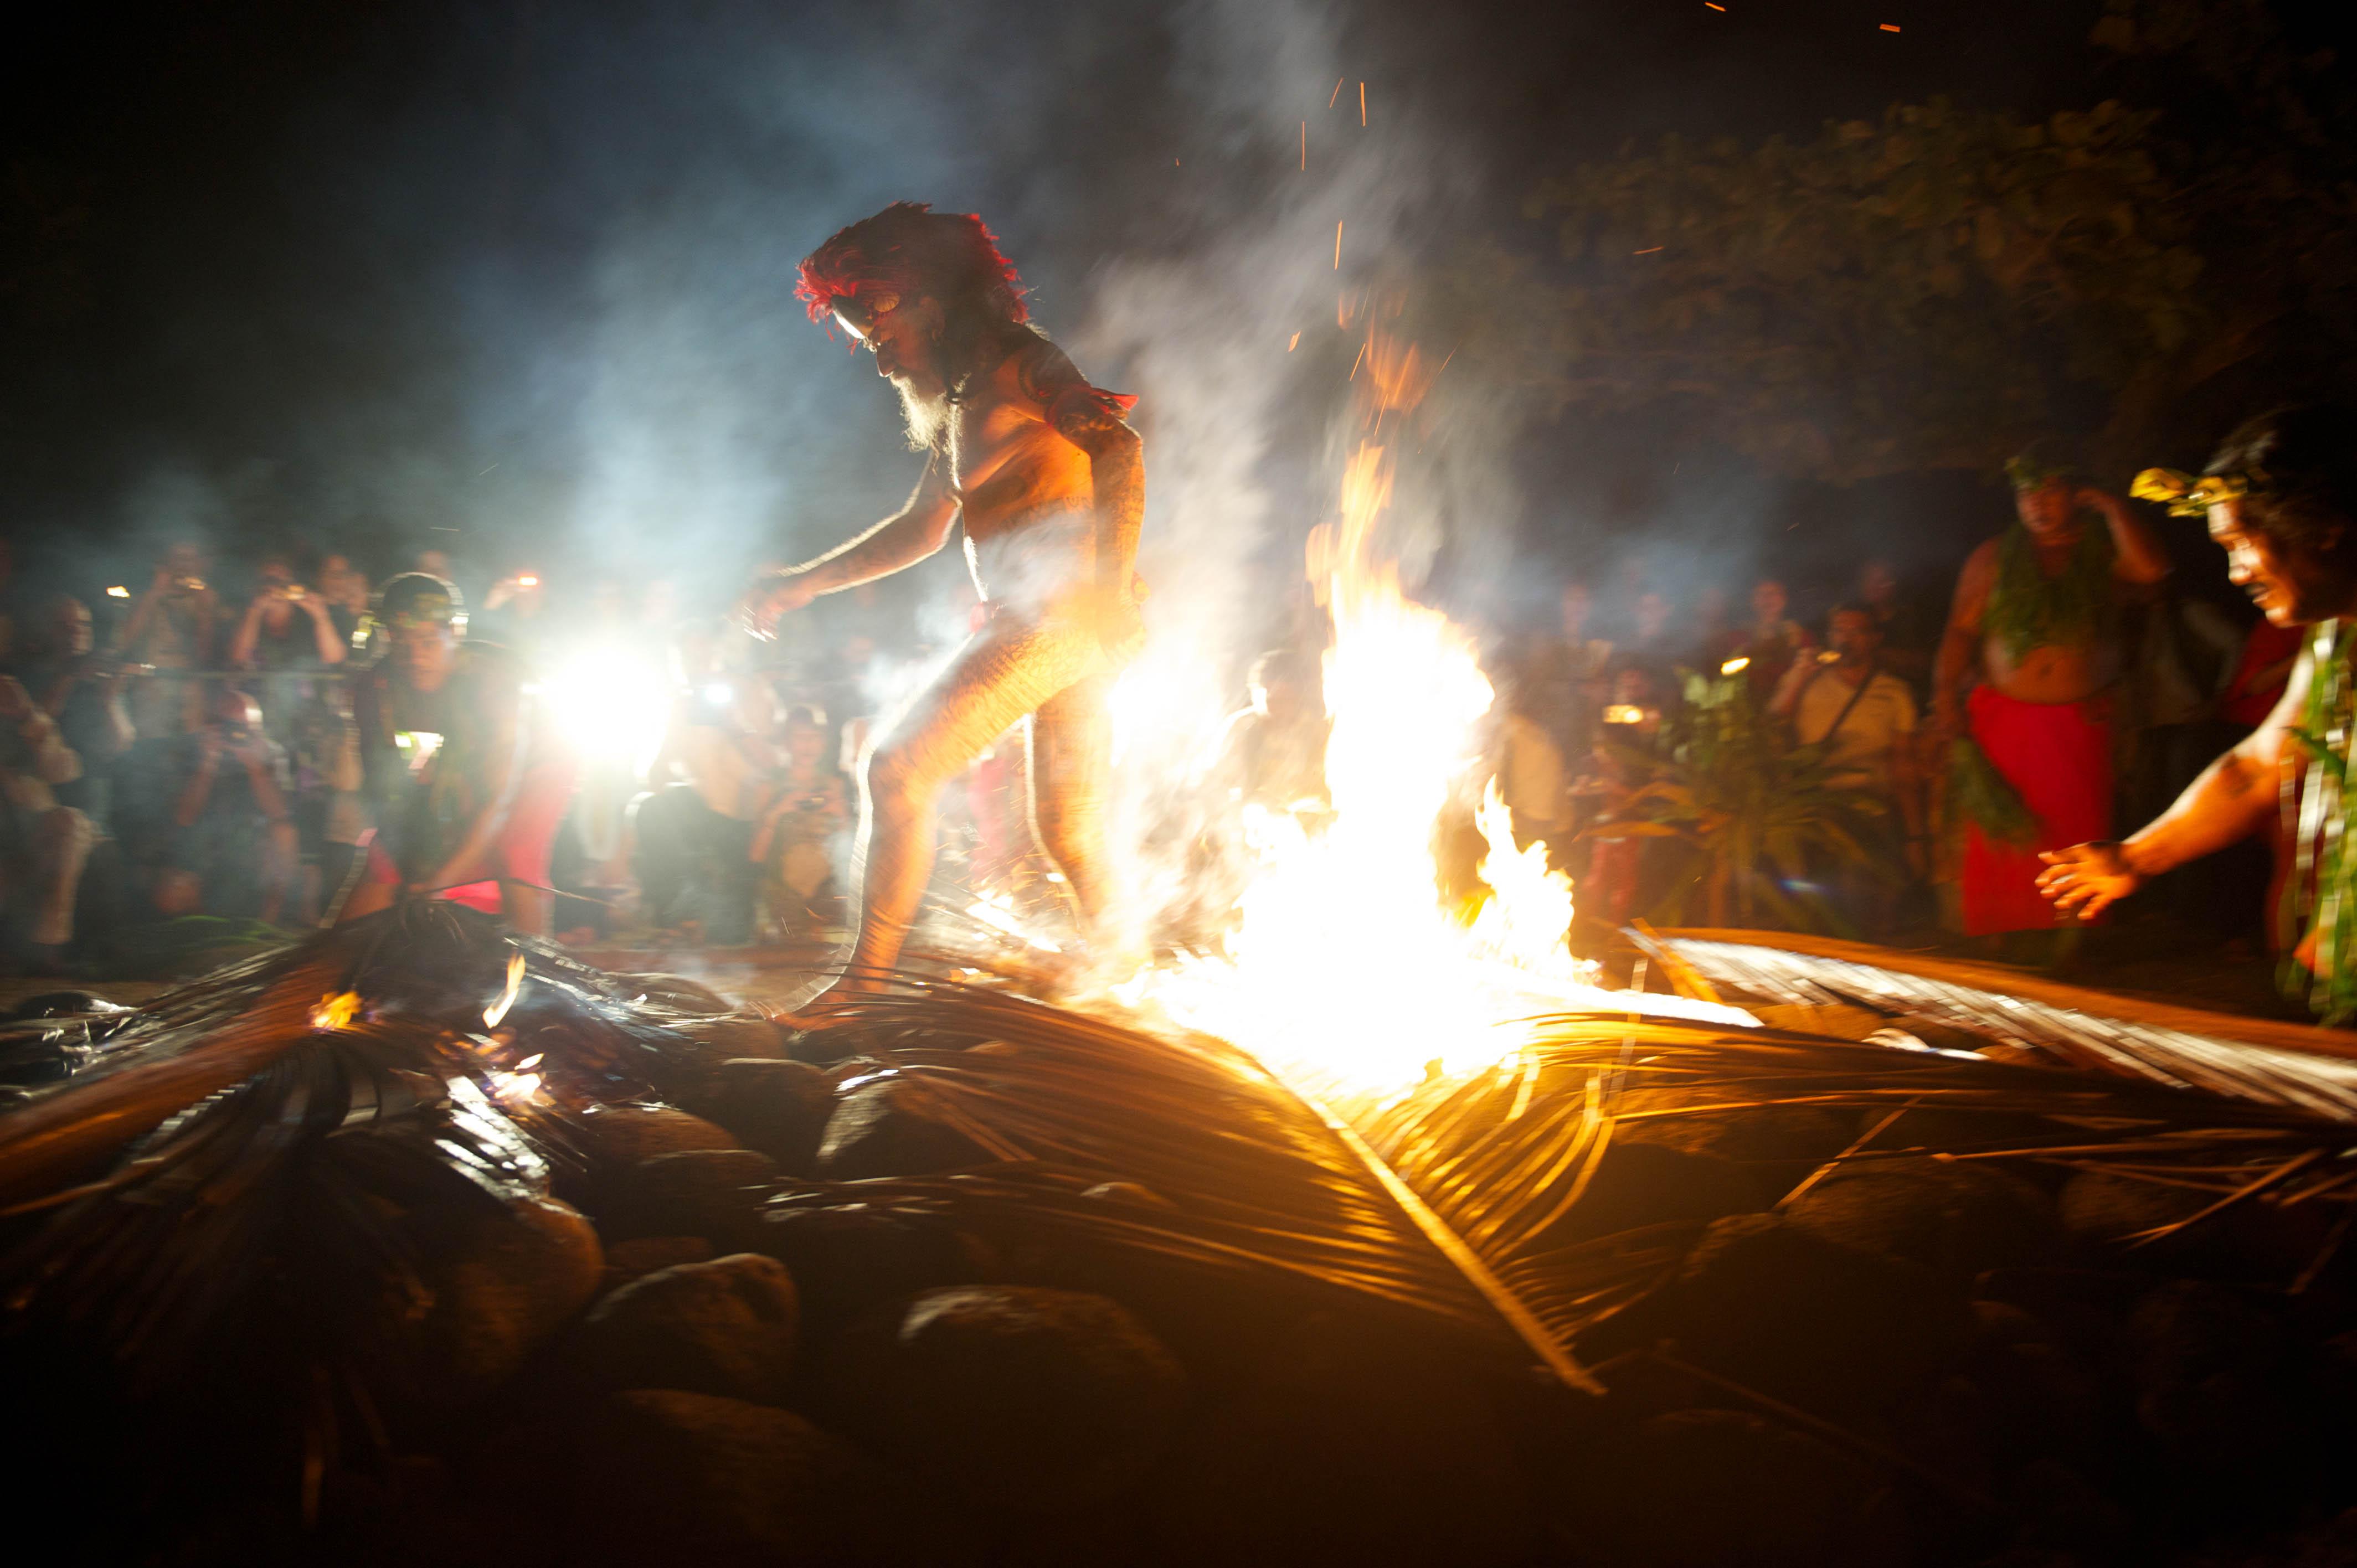 La marche sur le feu, une tradition spectaculaire !